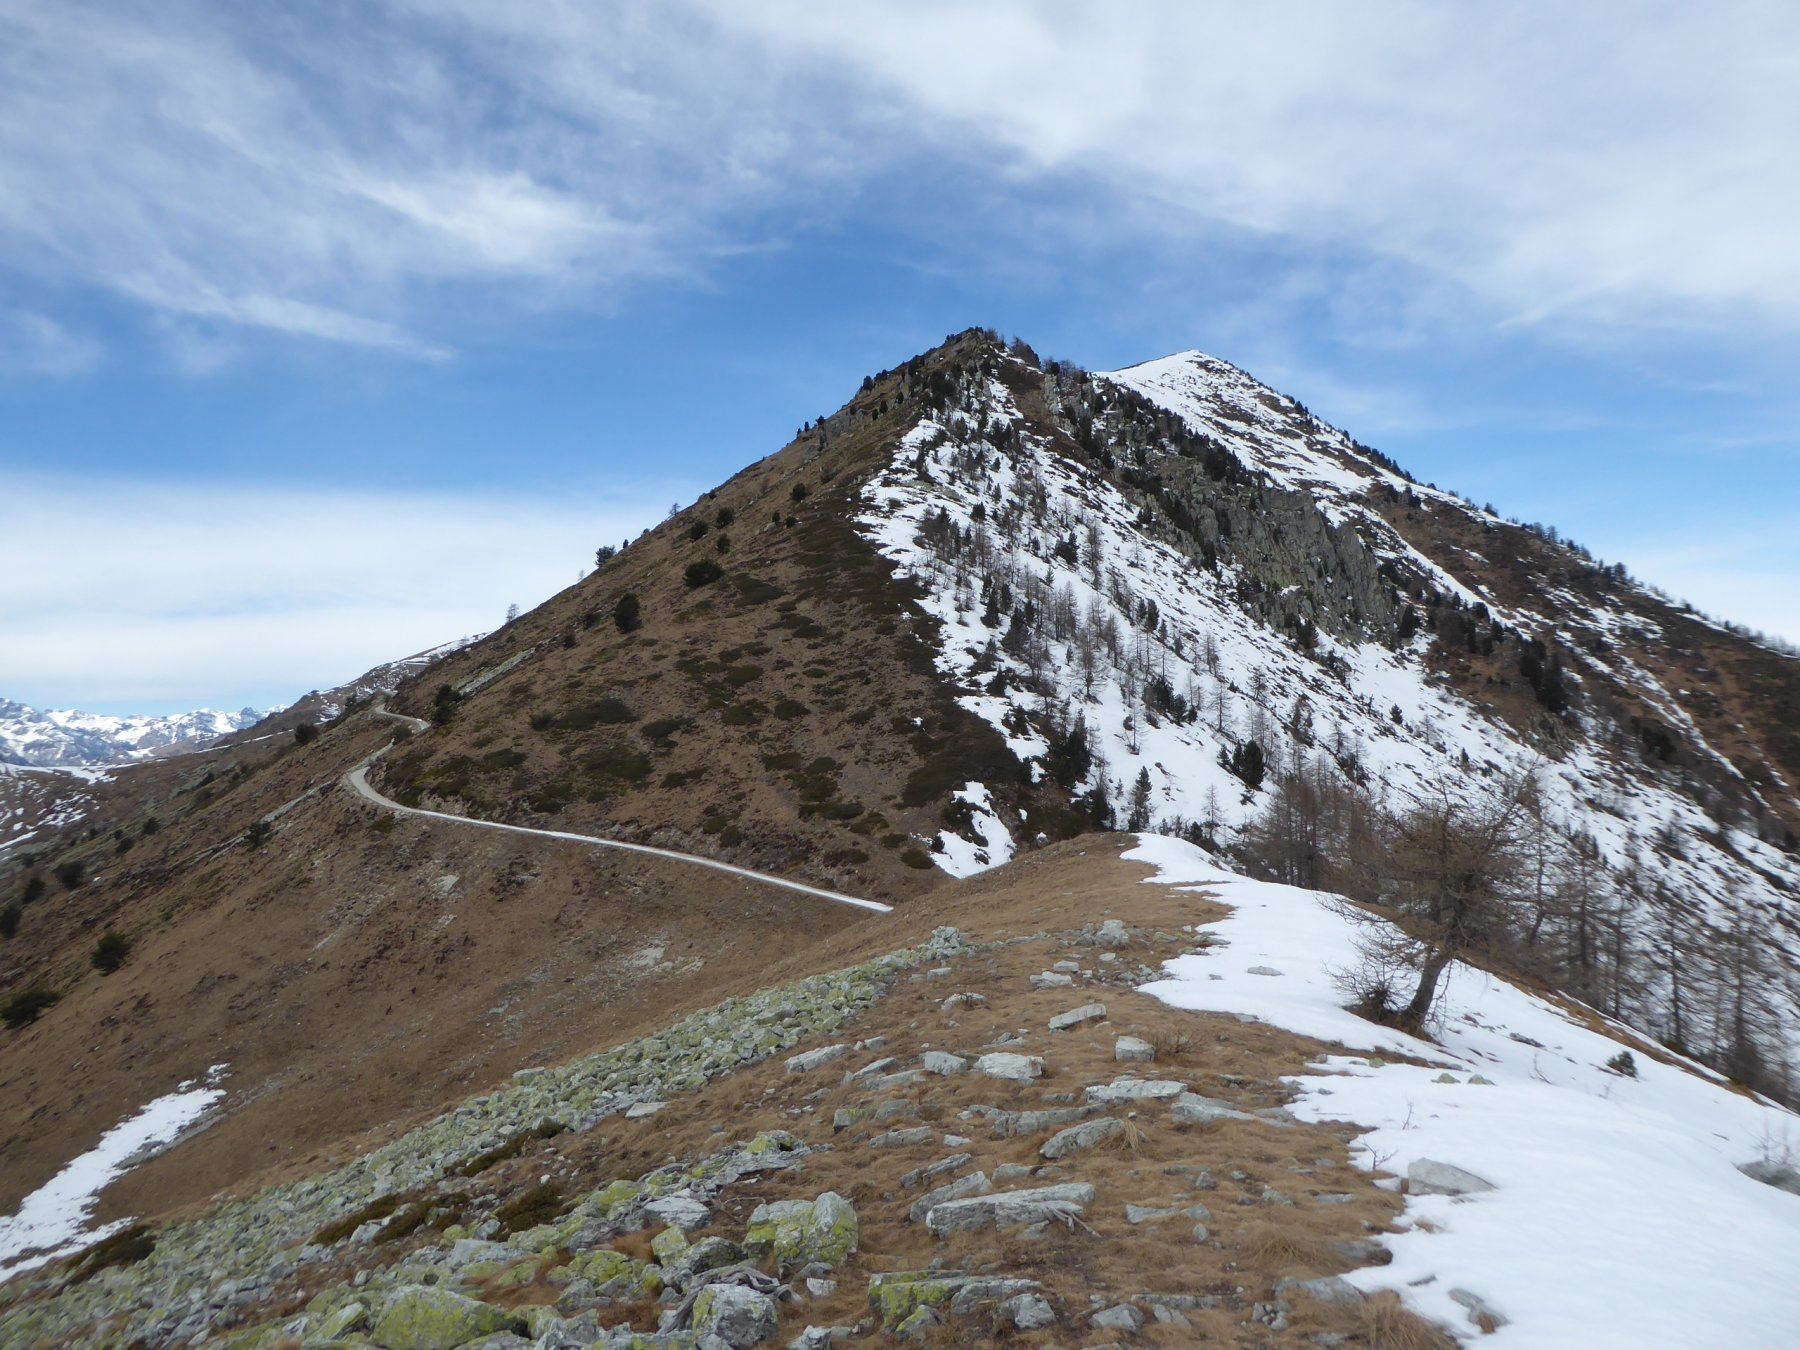 Rastcias (Monte) da Chesta per i Colli Birrone e Rusciera 2019-03-02